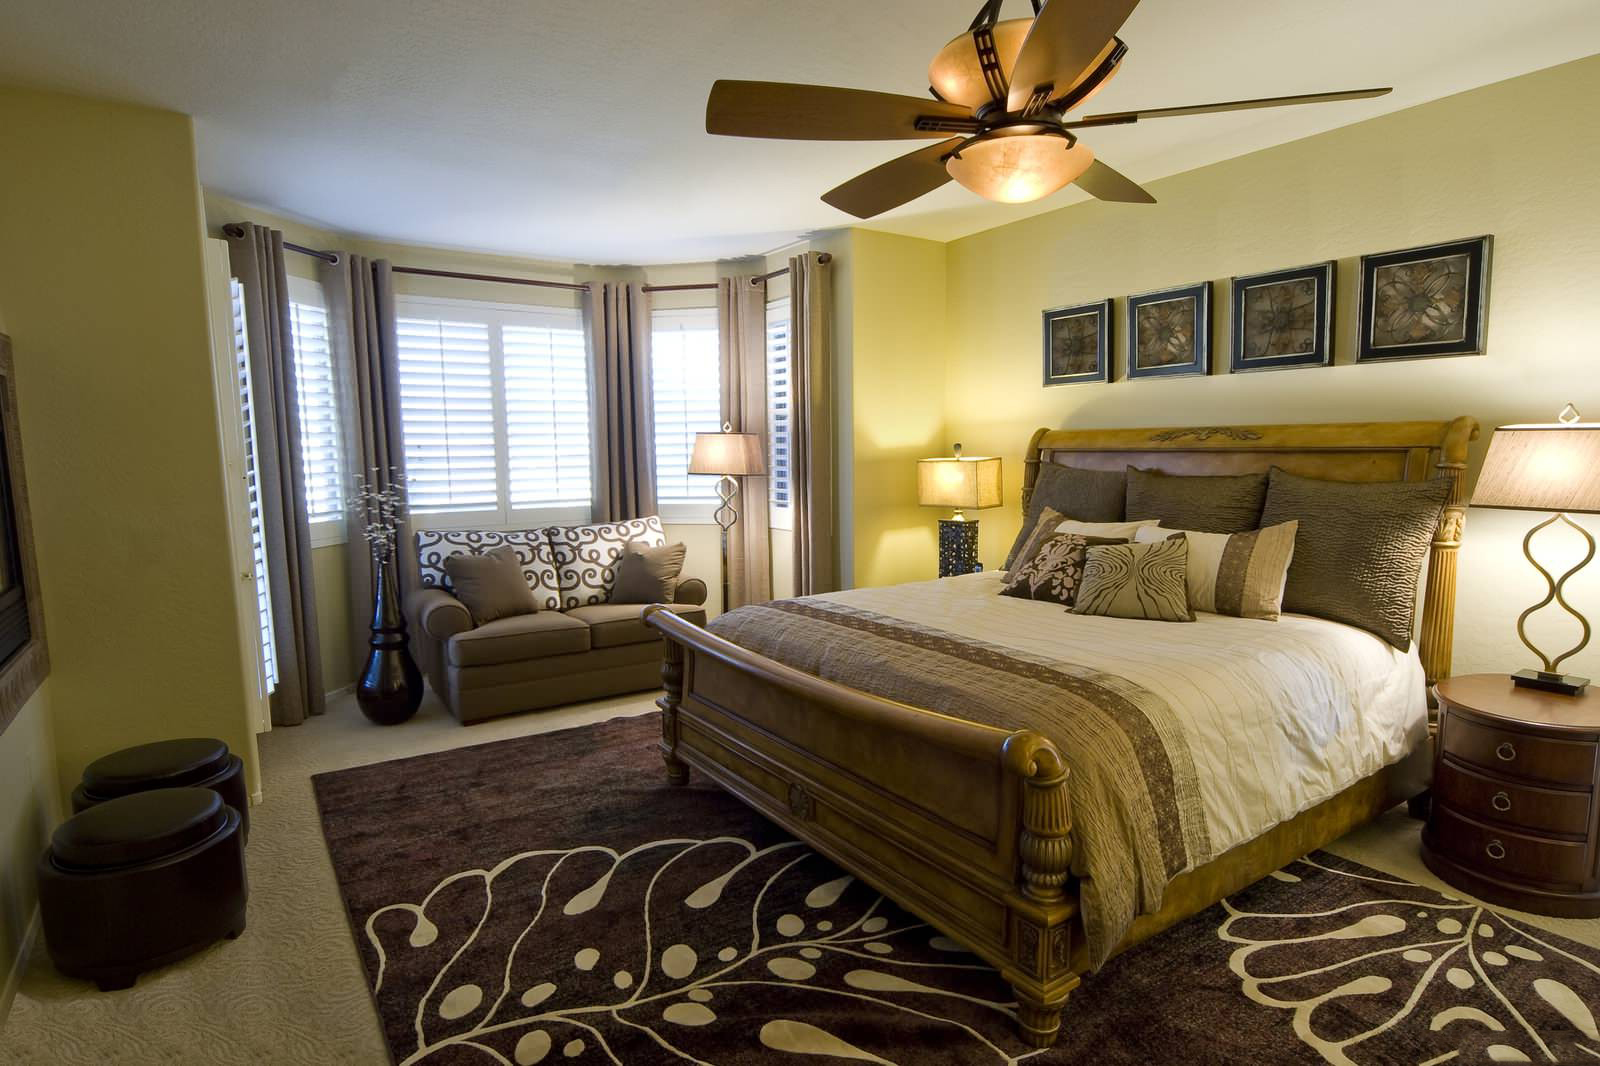 Дизайн спальни, совмещенной с балконом (64 фото): дизайн комнаты 13-16 кв. м, интерьер спальни с окном.